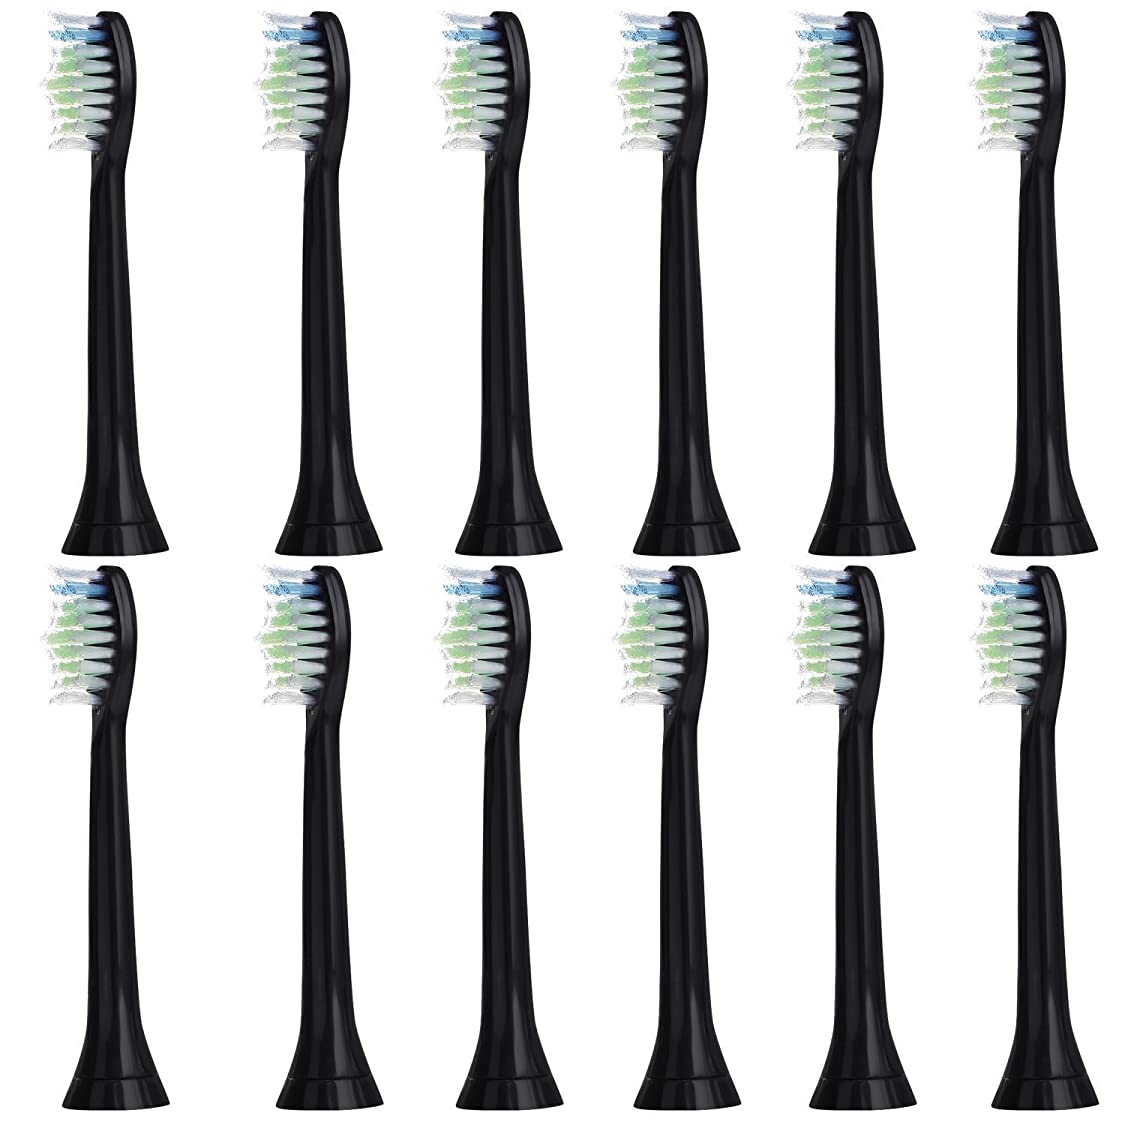 感度チェスをする師匠12個セット (3x4) E-Cron? Philips ソニッケアーダイヤモンドクリーン ブラック替ブラシ。次のフィリップス電動歯ブラシのモデルとの完全互換性があります: DiamondClean、FlexCare、FlexCare Platinum、 FlexCare(+)、 HealthyWhite、2シリーズ、EasyClean およびPowerUp。